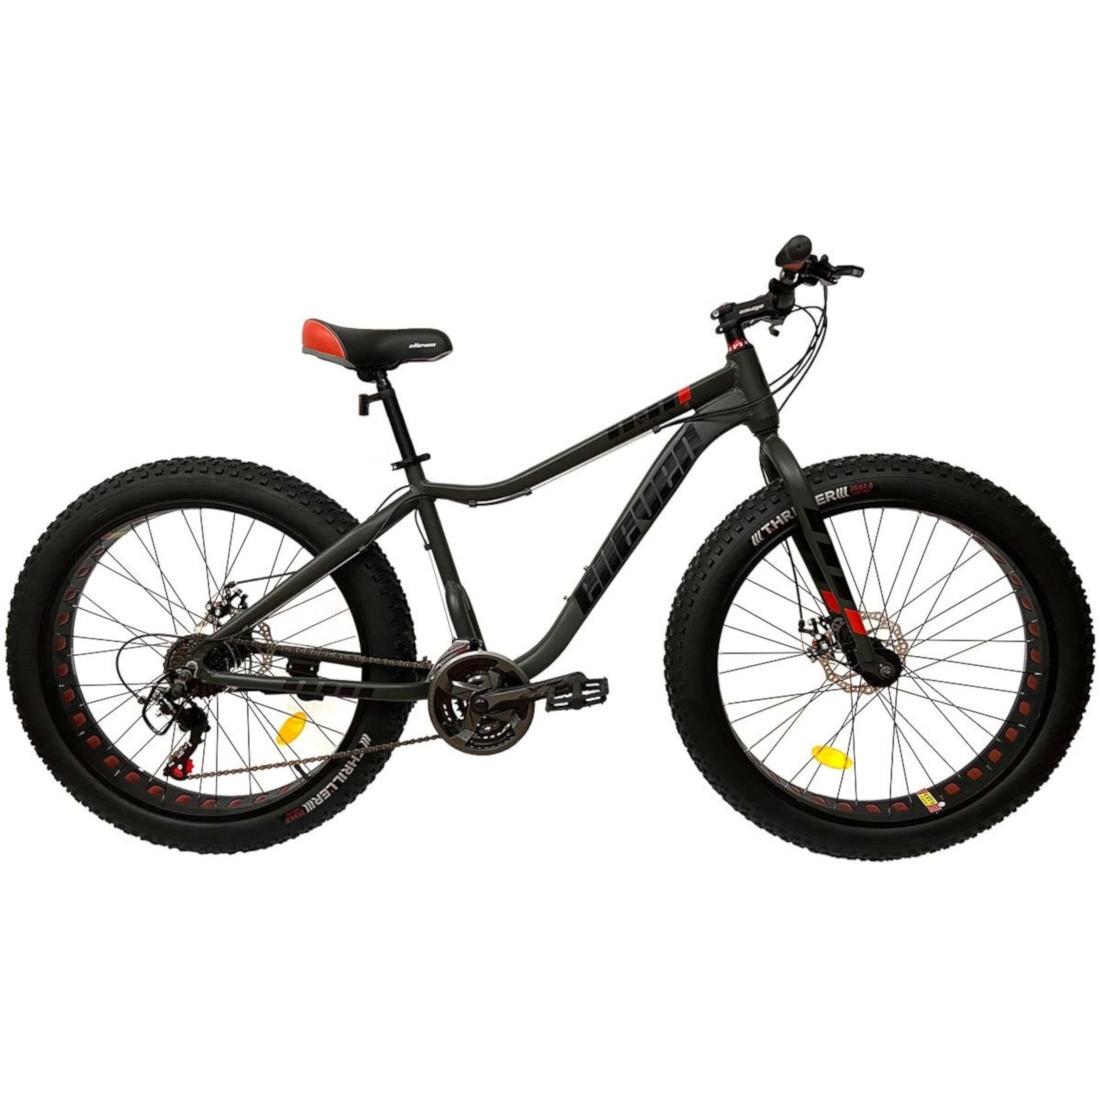 Bicicleta Fat Bike Pneu Largo Aro 26 Alumínio 21V Freio a Disco Cinza